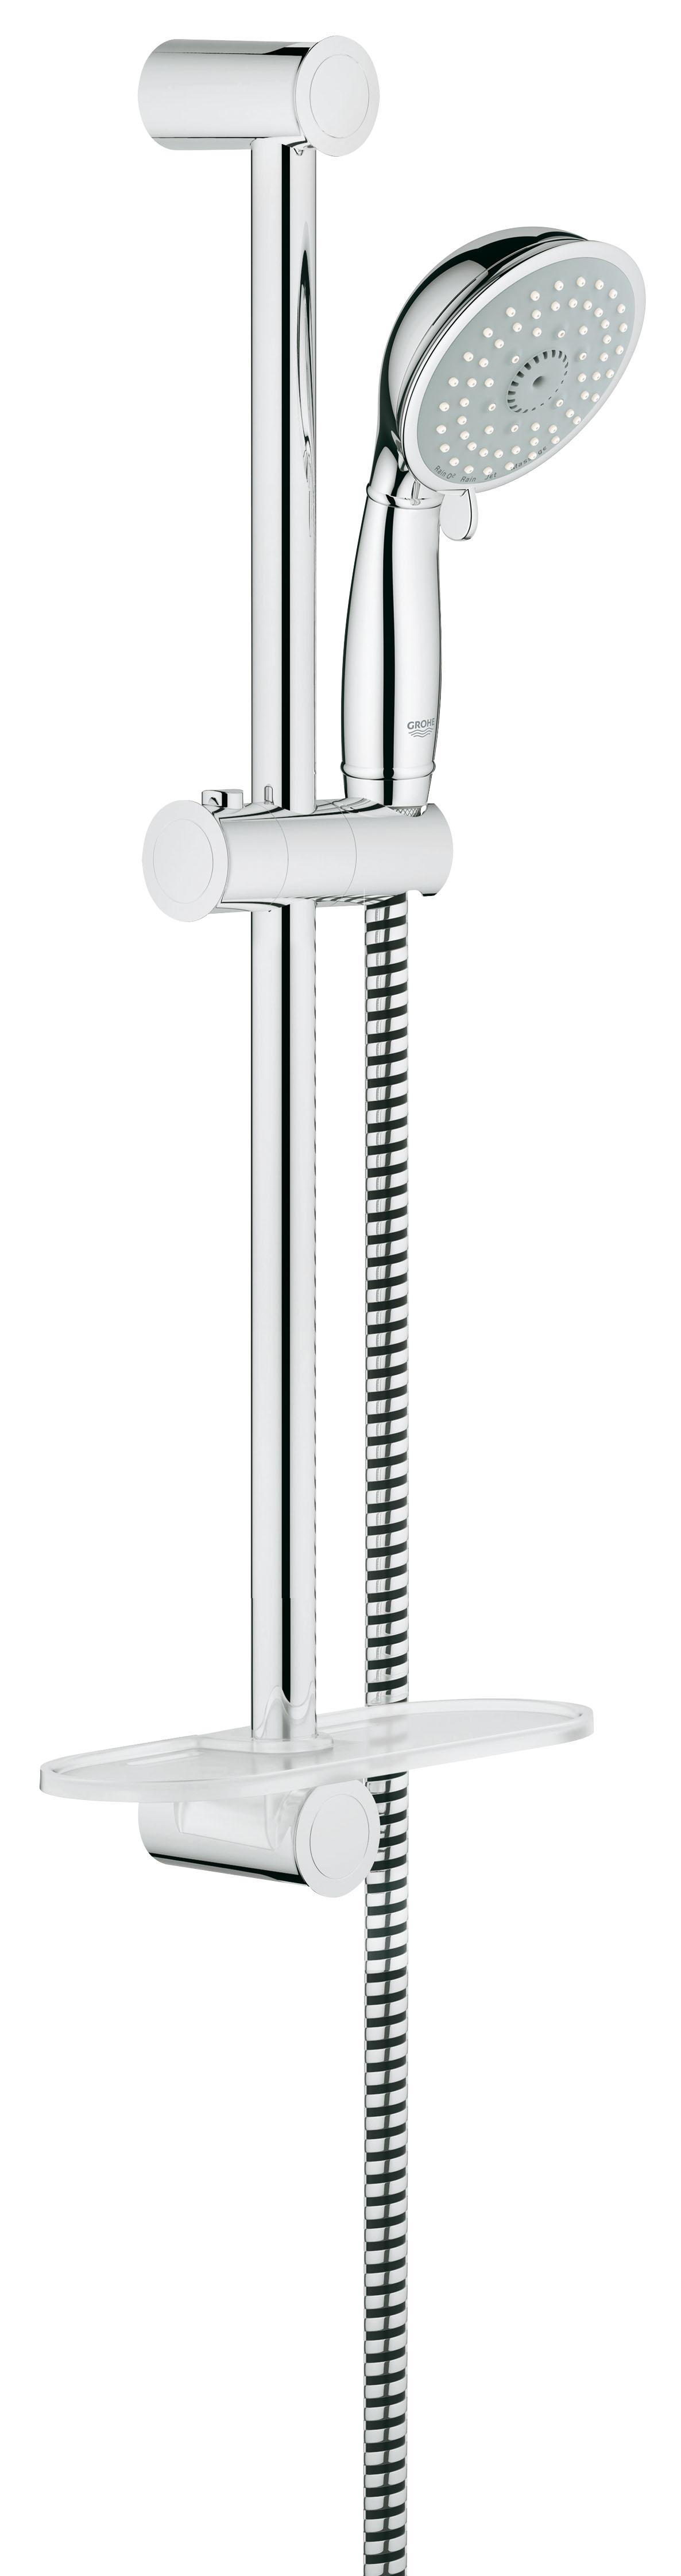 Душевой комплект GROHE New Tempesta, штанга 600 мм. (27609000)BL505Душевой комплект GROHE New Tempesta включает в себя: ручной душ, душевую штангу 600 мм, душевой шланг 1750 мм, и полочку GROHE EasyReach. Технология SpeedClean предотвращает известковые отложения, а внутренний охлаждающий канал значительно продлевает срок службы. Система Twistfree препятствует перекручиванию шланга. Технология Grohe EcoJoy позволяет уменьшать расход воды до 9,5 л/мин. Данная модель подходит для проточных водонагревателей.